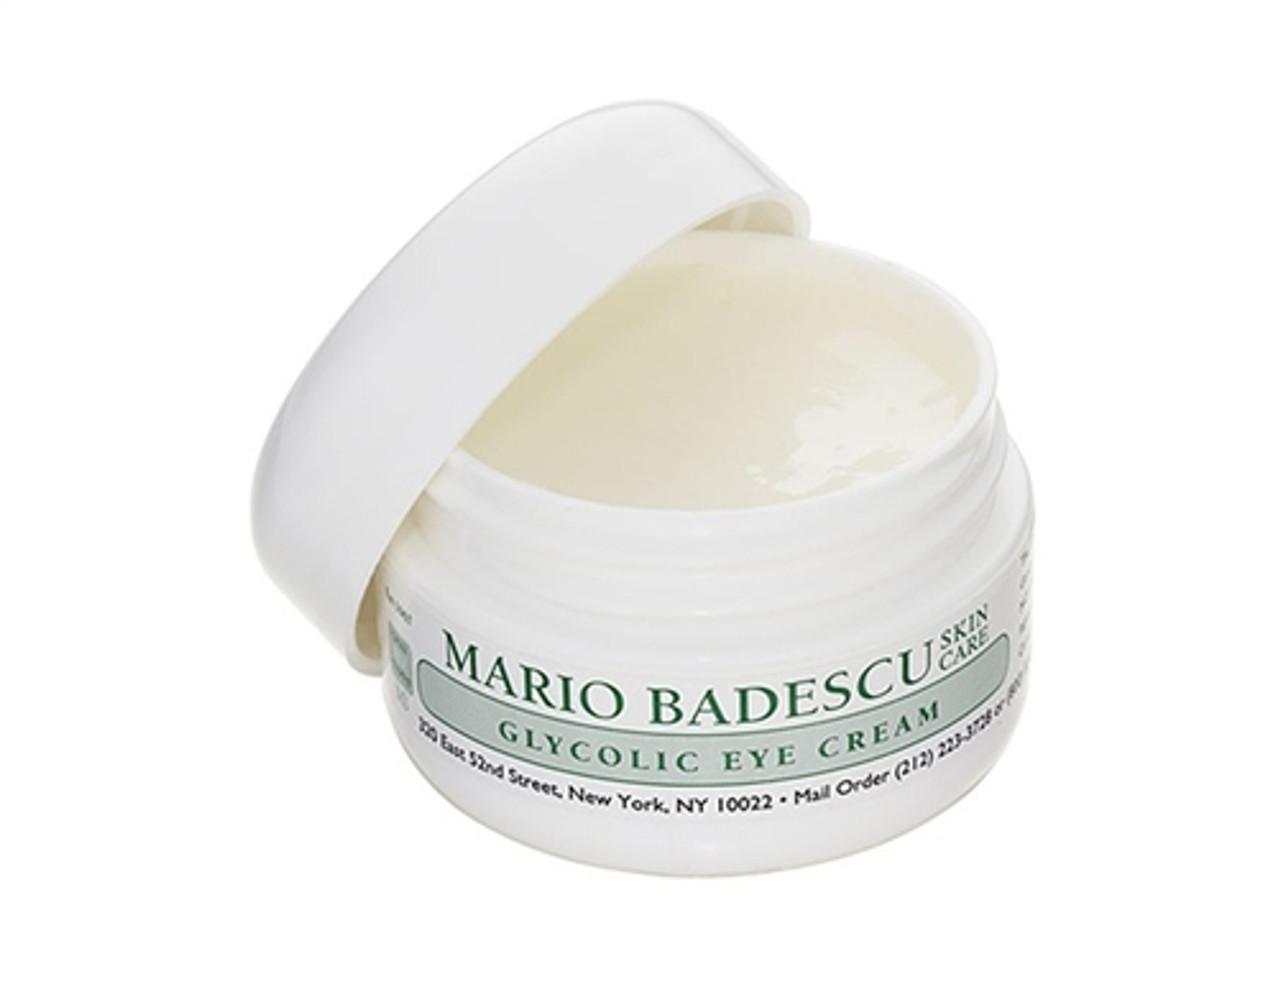 Mario Badescu Glycolic Eye Cream - 0.5 OZ